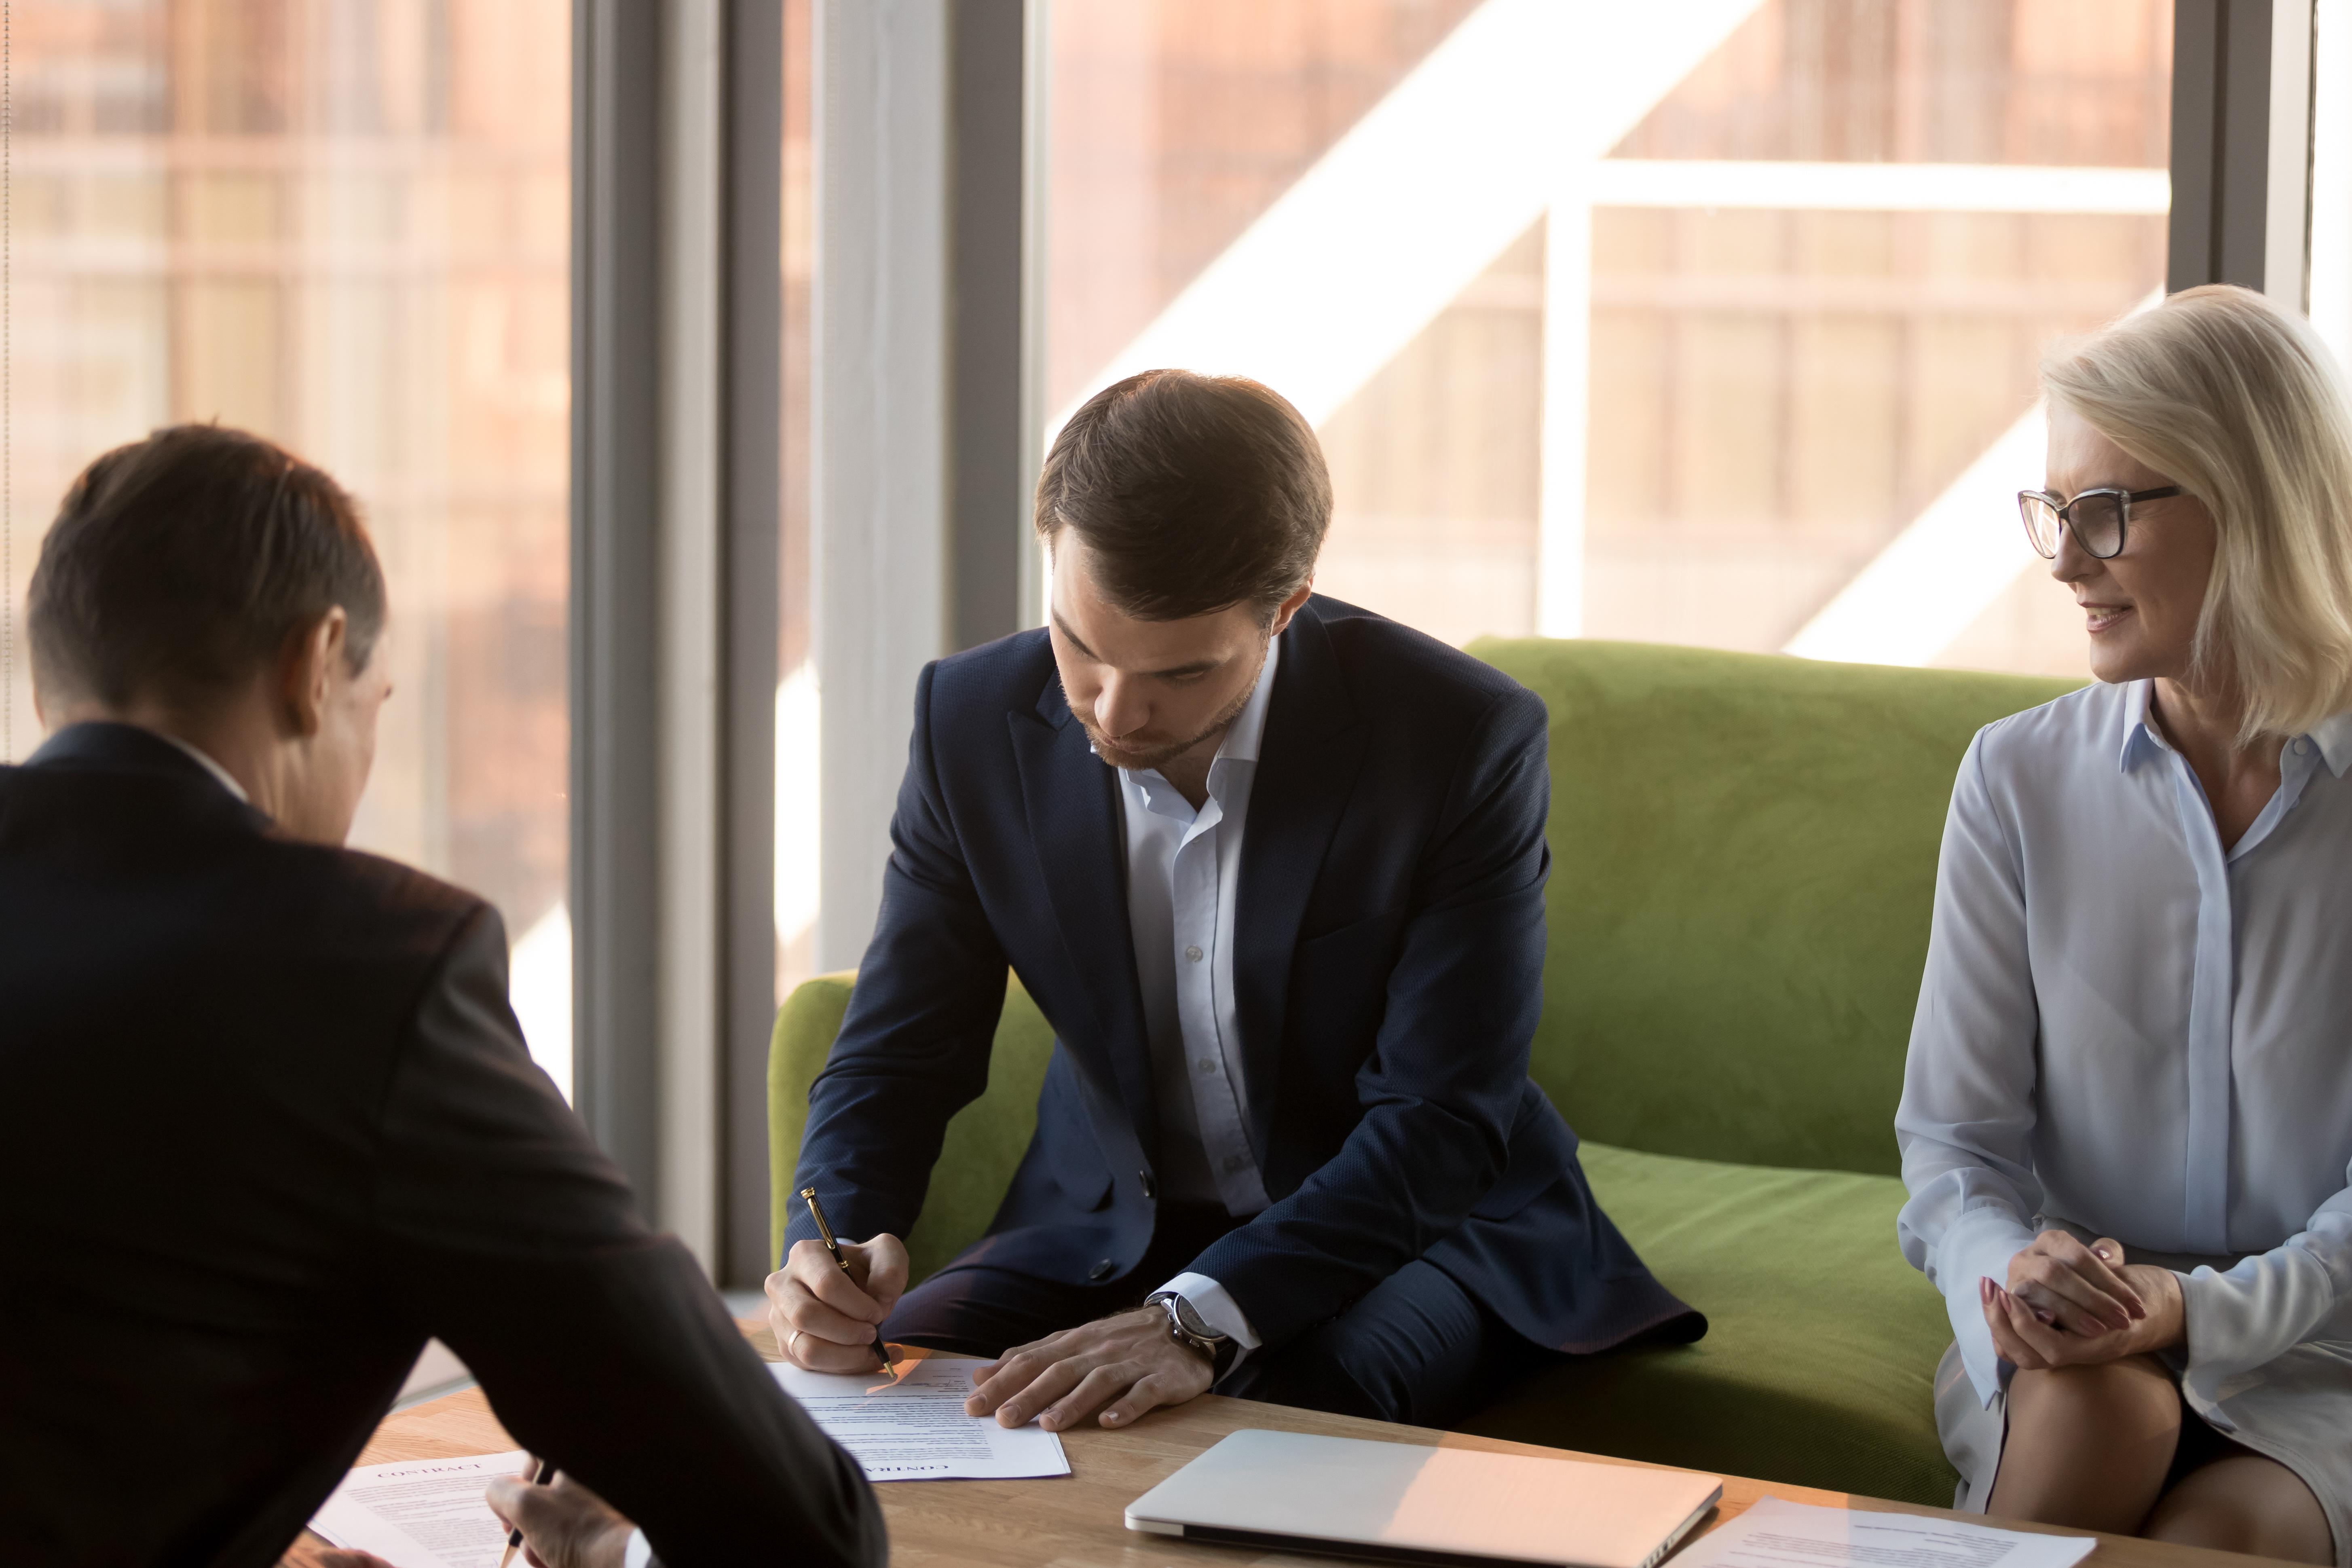 【アメリカ確定申告】知っておきたい基礎知識 「第5回:アメリカ不動産購入時手続きをしなかった場合、どうなるか?」 イメージ画像